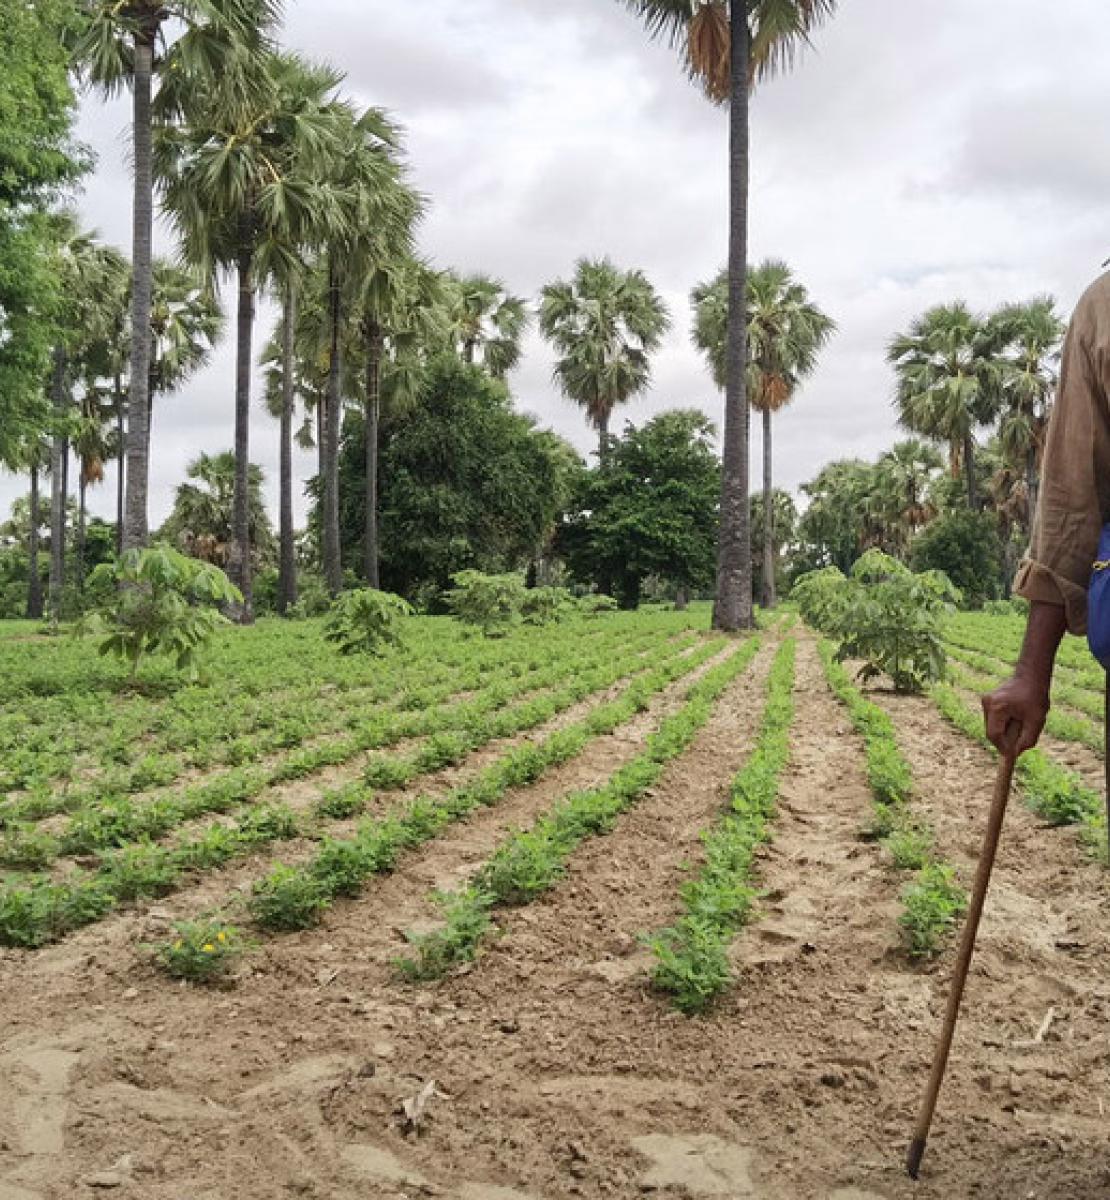 一个农民拄着拐杖站在郁郁葱葱的农田旁。